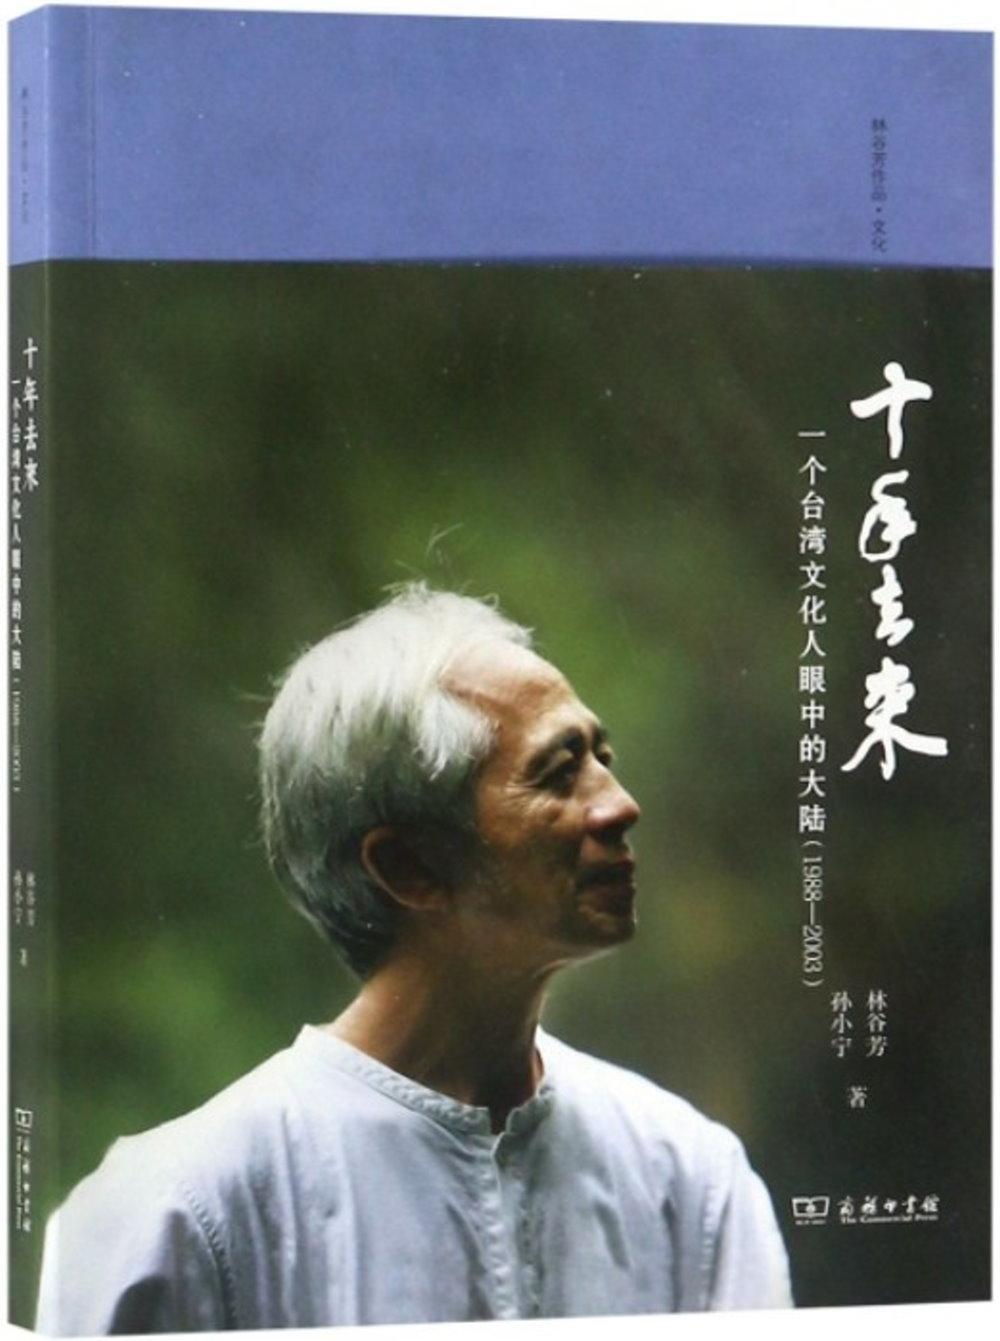 十年去來:一個台灣文化人眼中的大陸(1988-2003)